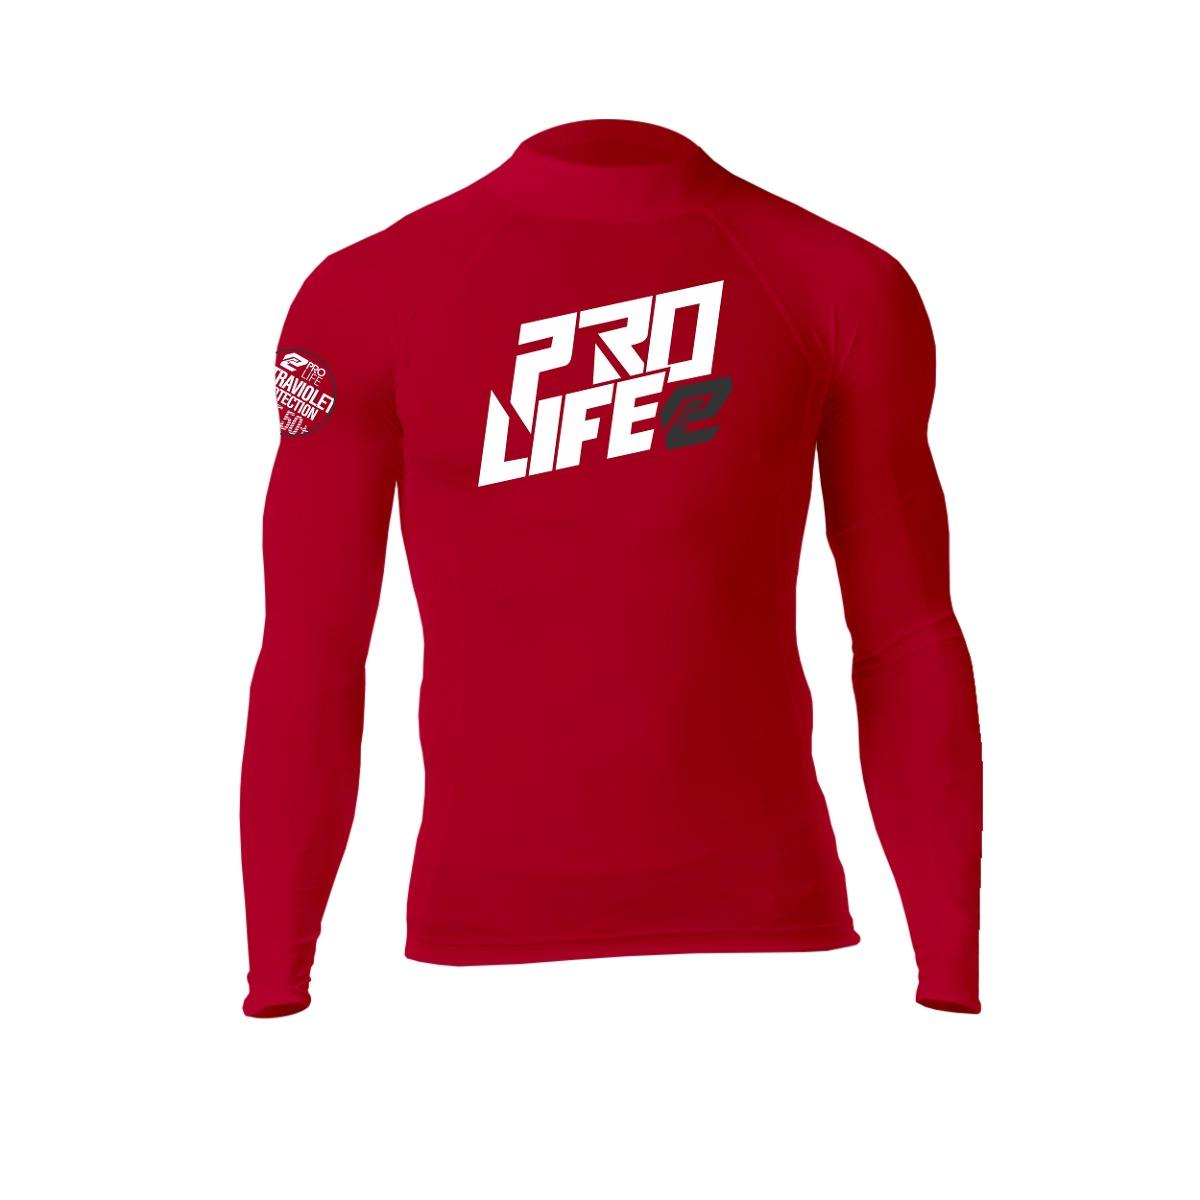 436ef555db23e camisa lycra surf manga longa prolife vermelho tamanho p. Carregando zoom.